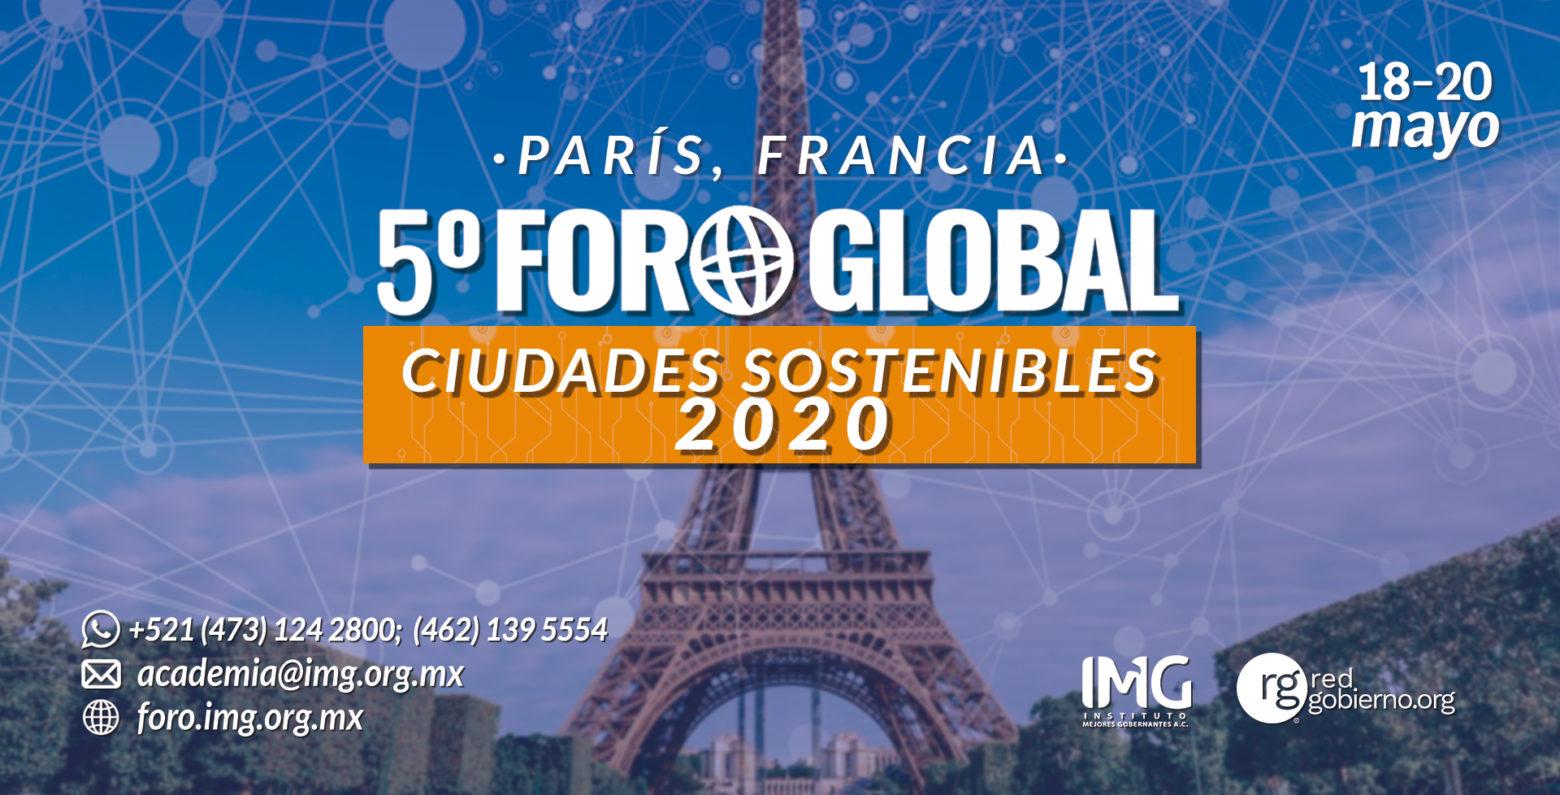 5º Foro Global Ciudades Sostenibles en París. Instituto Mejores Gobernante AC, Organización Mundial de Ciudades Sostenibles